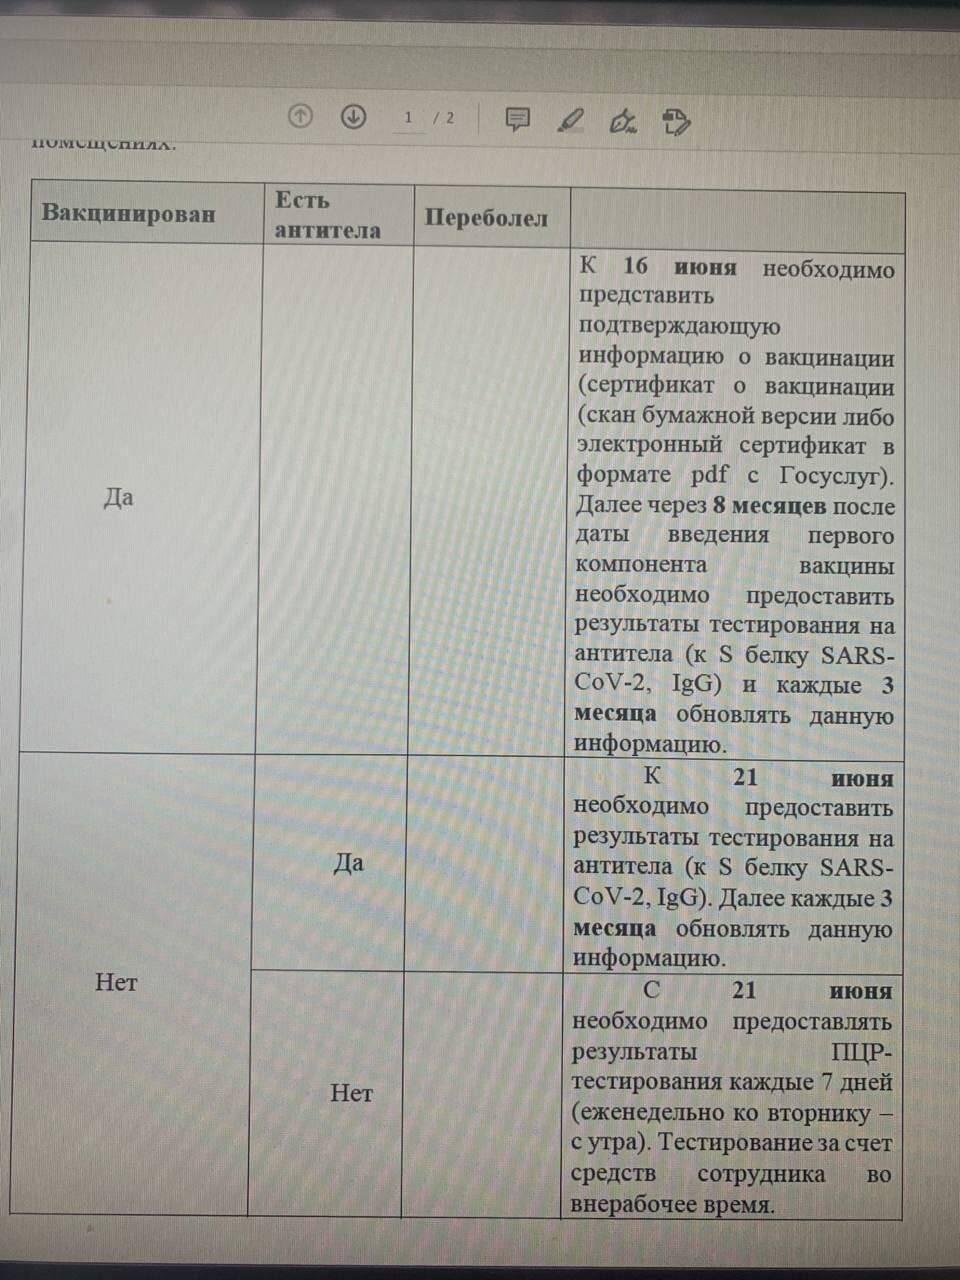 Вслед за Москвой подобные требования к вакцинации ввели 16 июня Московская и Кемеровская , а 17-го – Сахалинская области.